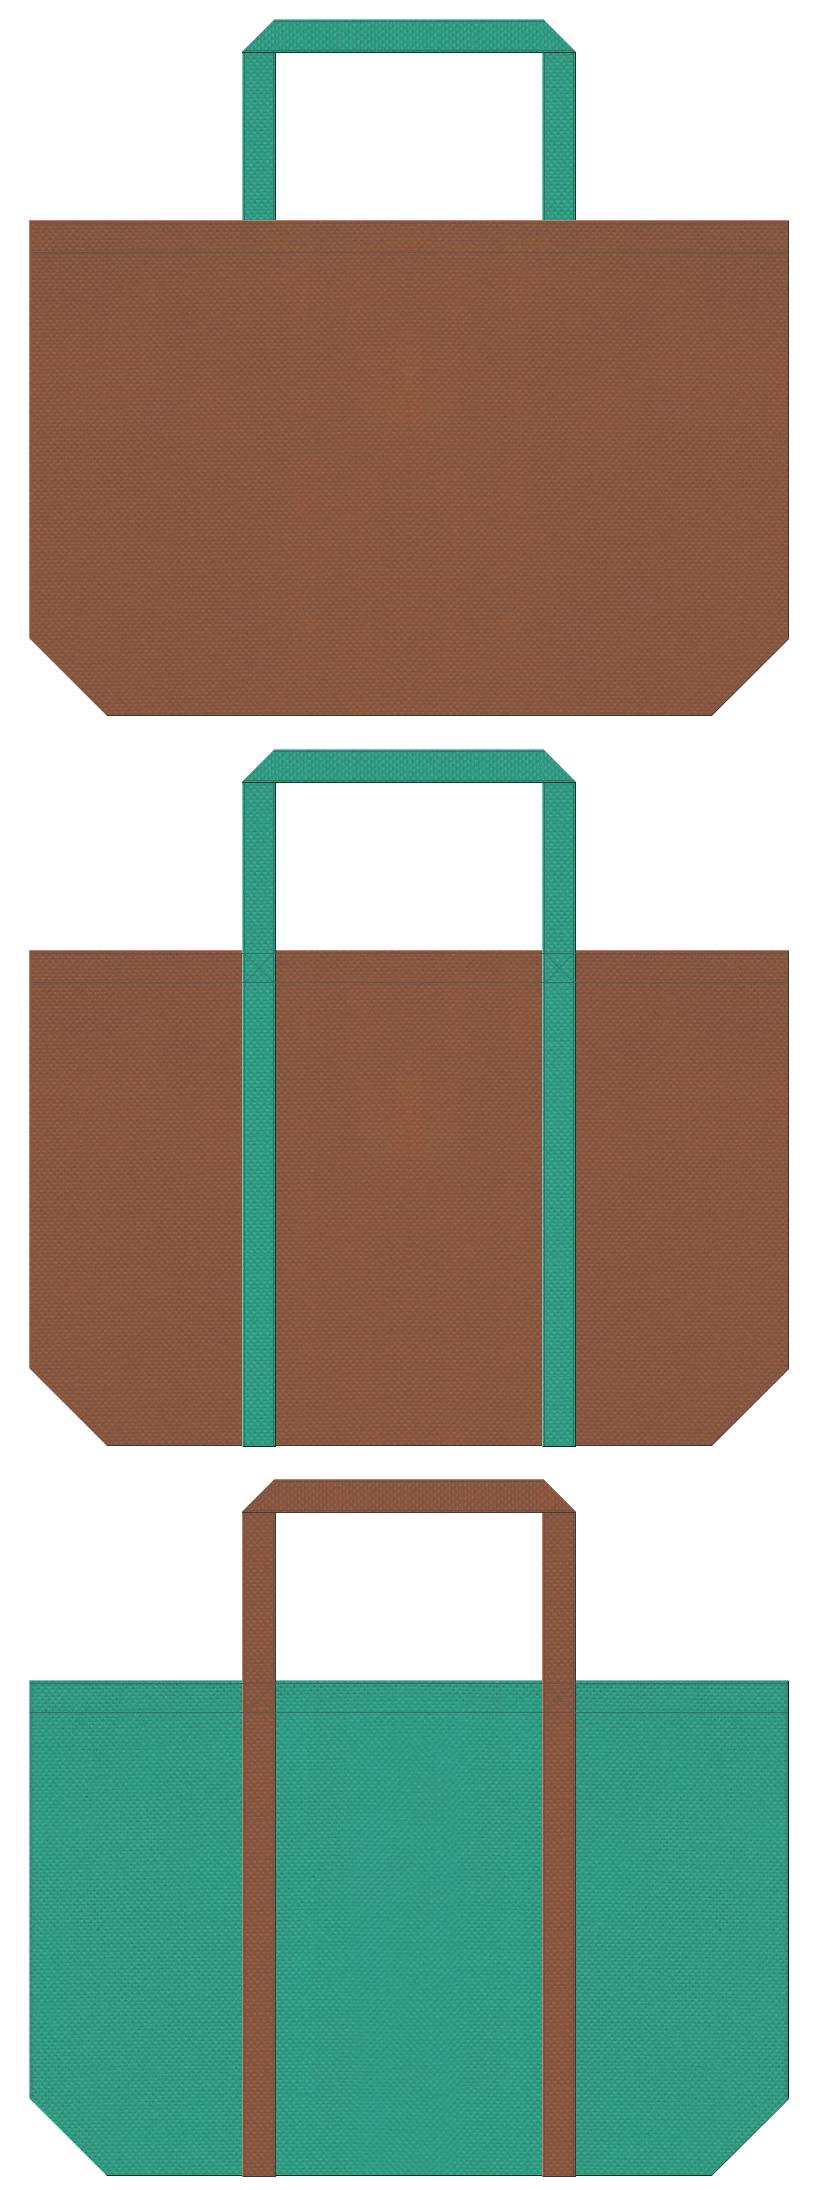 緑化イベント・肥料・農業セミナー・ガーデニング・園芸用品のショッピングバッグにお奨めの不織布バッグデザイン:茶色と青緑色のコーデ